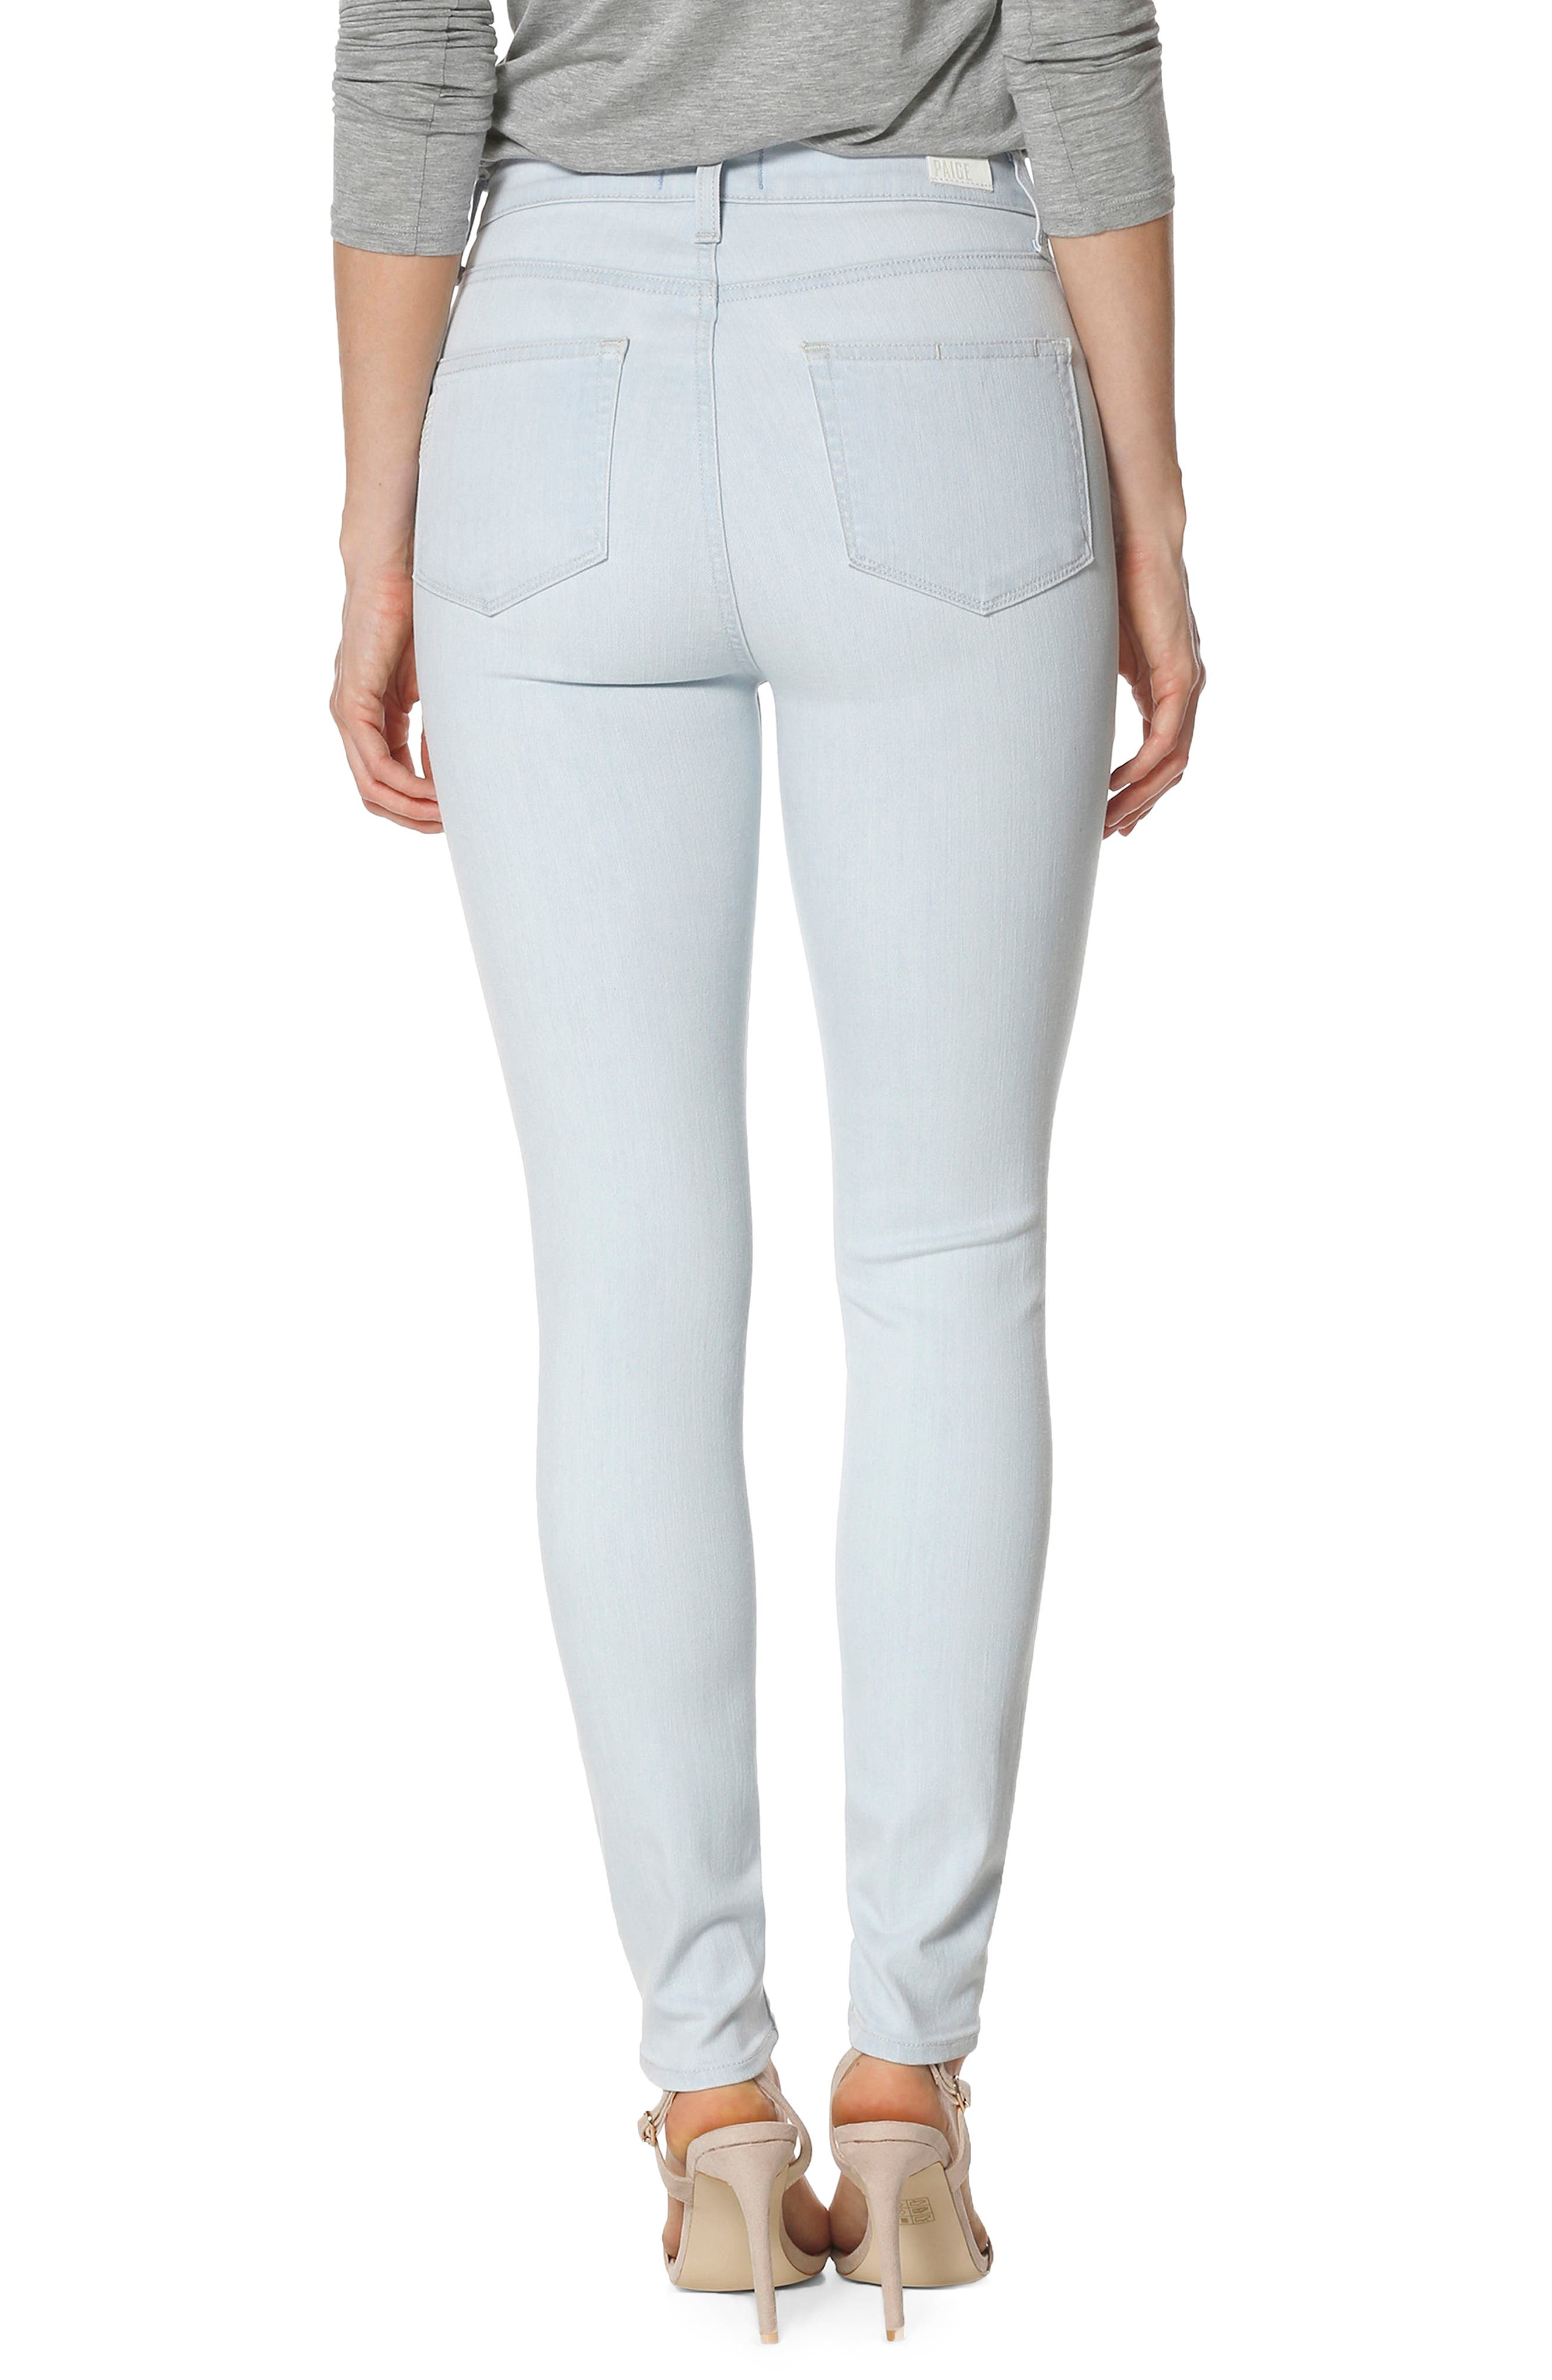 Margot High Waist Ultra Skinny Jeans,                             Alternate thumbnail 2, color,